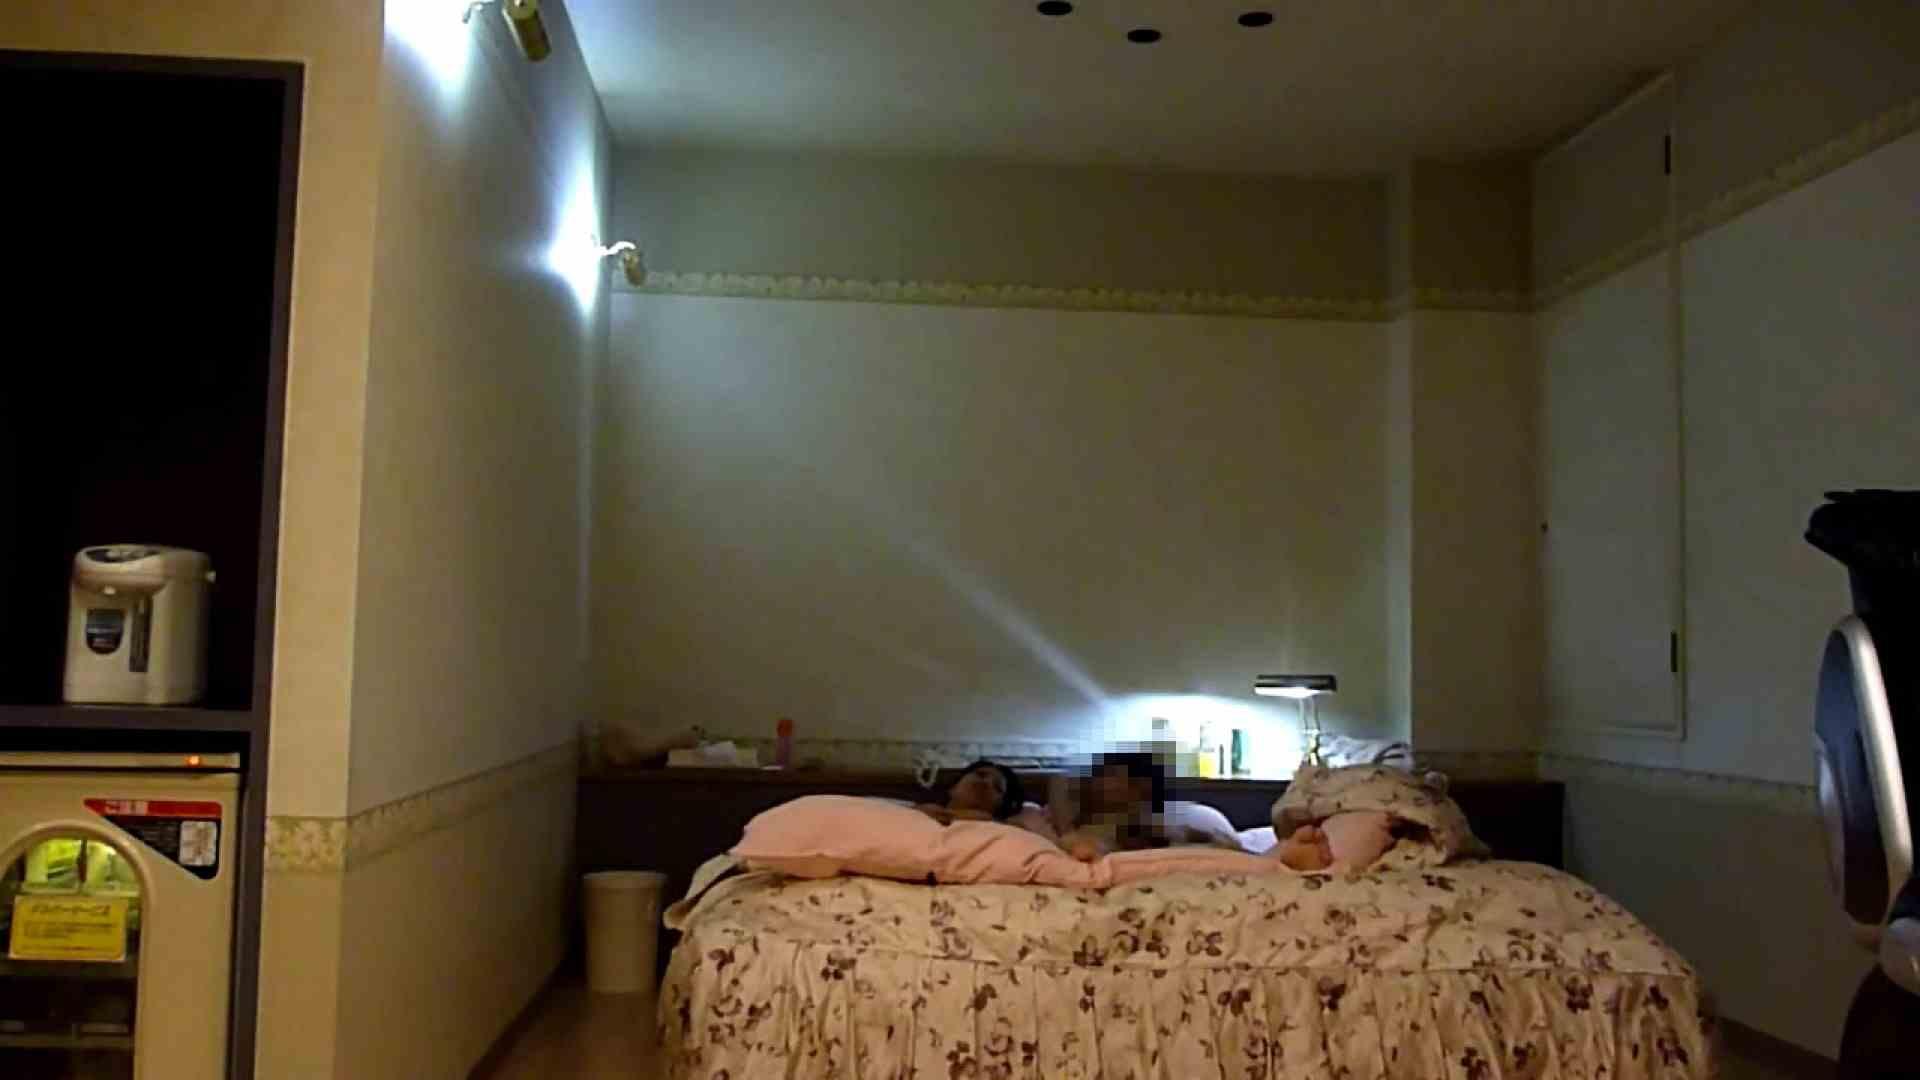 【完全素人投稿】誰にしようか!?やりチン健太の本日もデリ嬢いただきま~す!!12 投稿   エロカワ素人  12pic 3